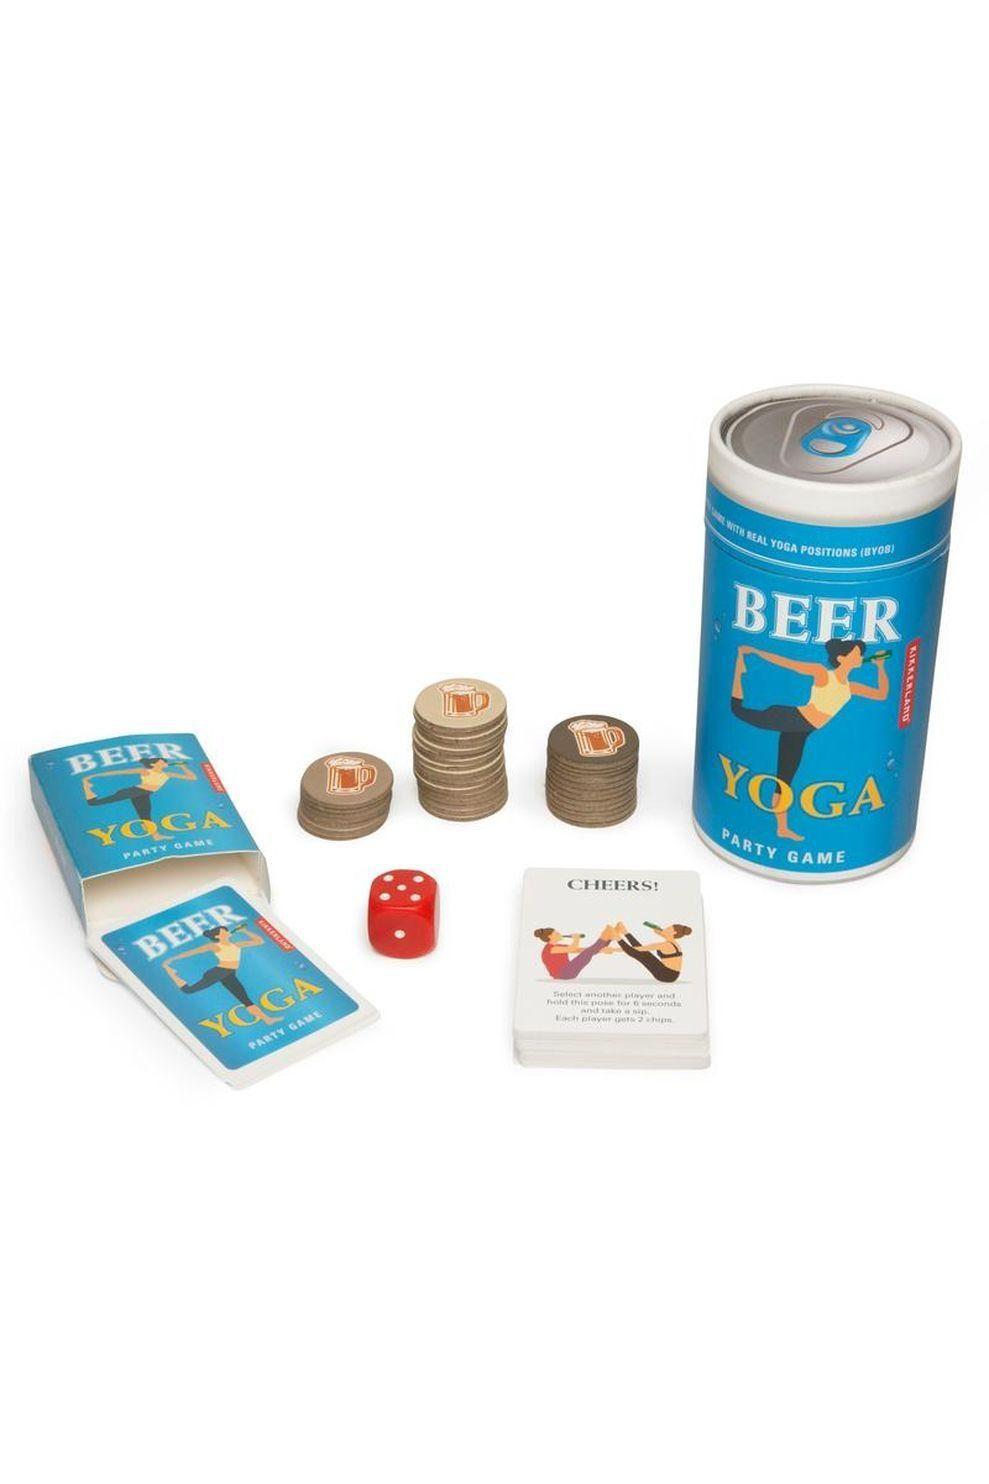 Kikkerland Spel Beer Yoga